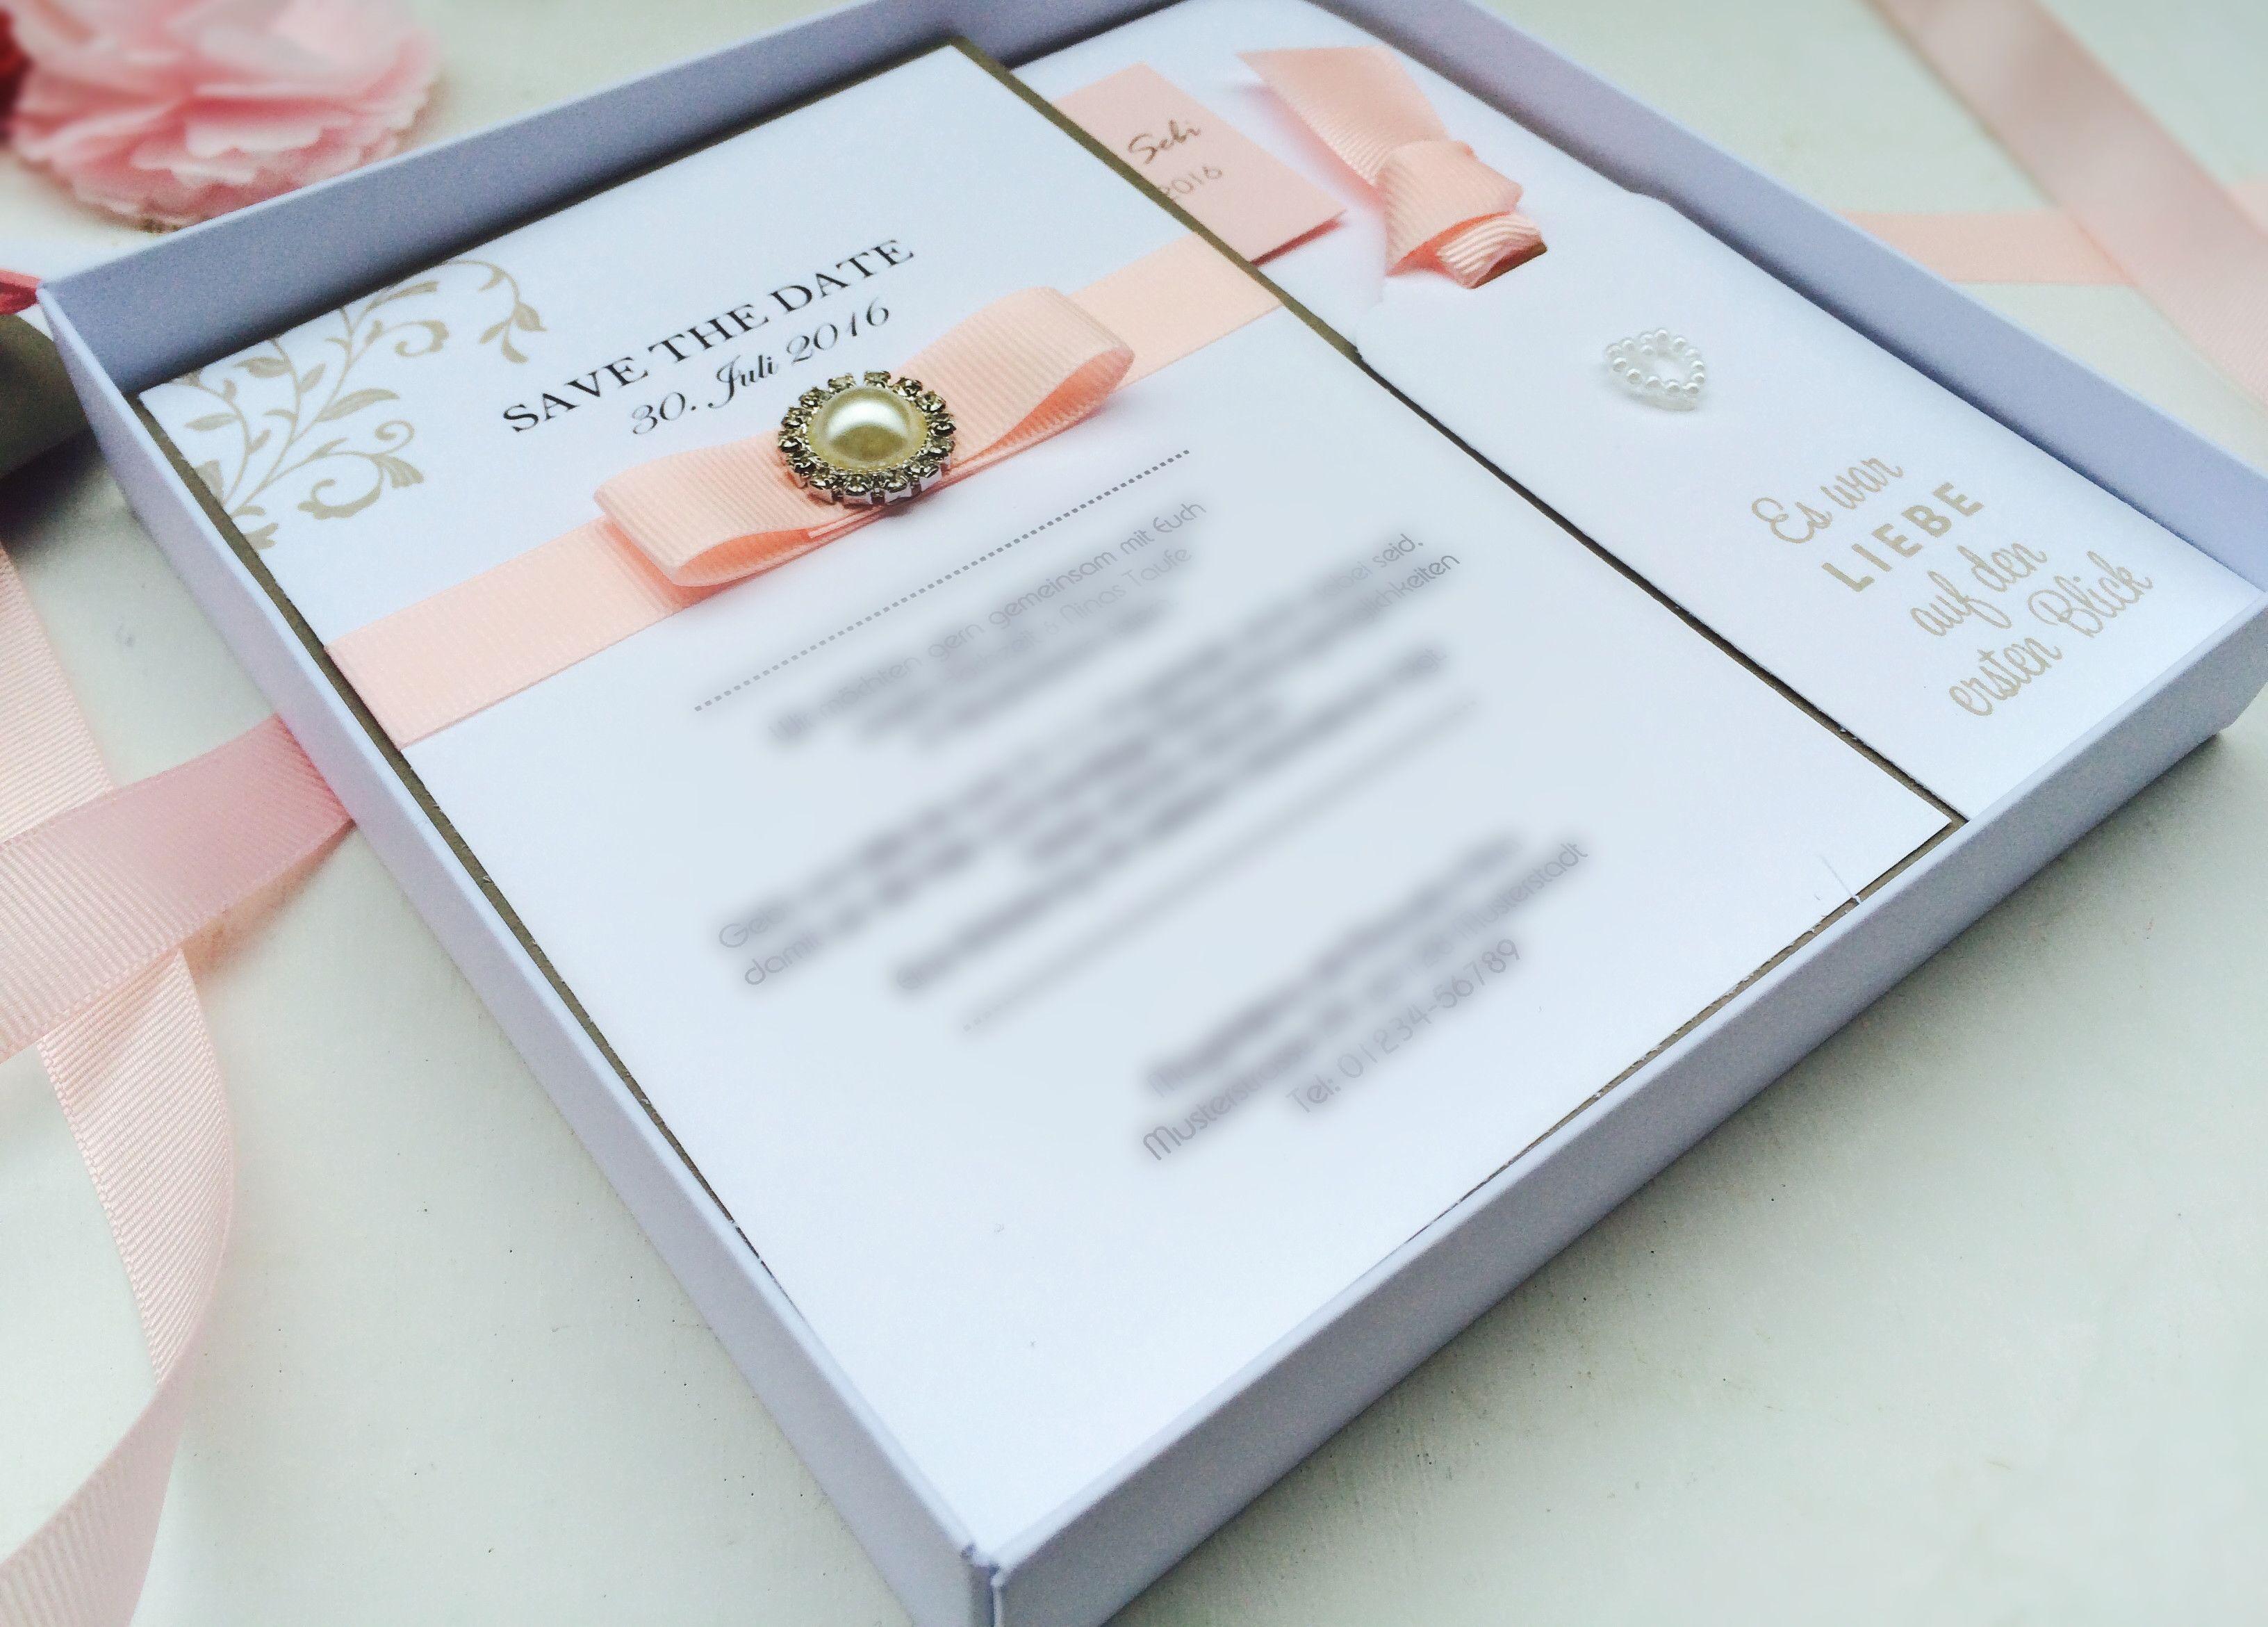 Einladung Zur Hochzeit In Einer Liebevollen Schachtel, Sandra Kolb,  Www.samey.de